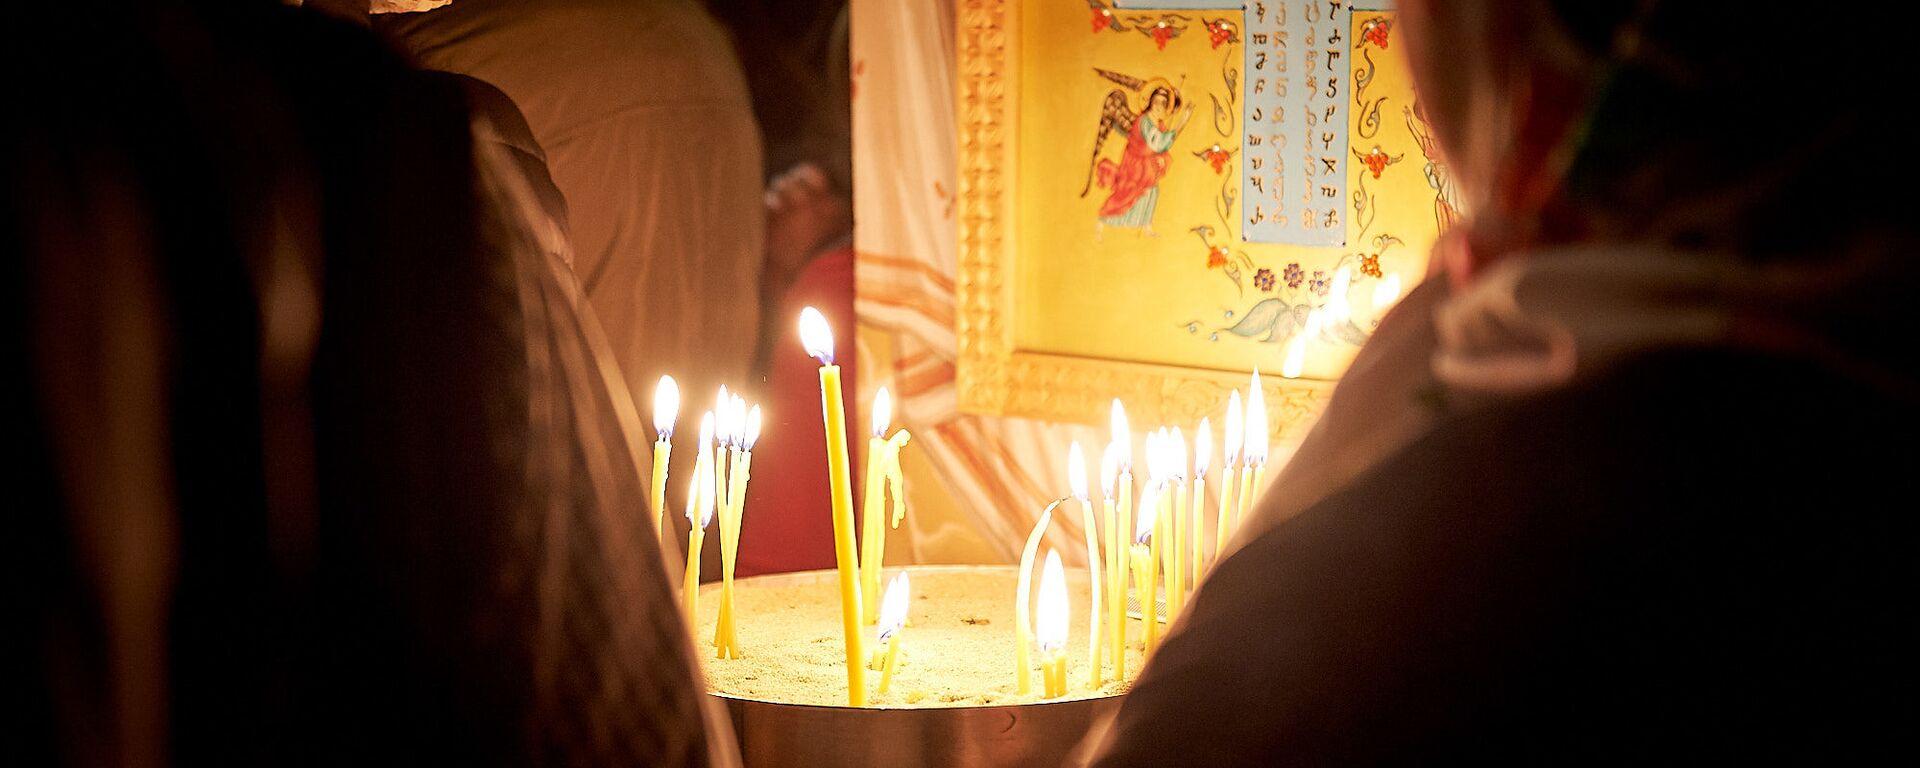 Верующие в церкви. Пасхальная служба в храме 13 святых ассирийских отцов в селе Канда  - Sputnik Грузия, 1920, 15.11.2019